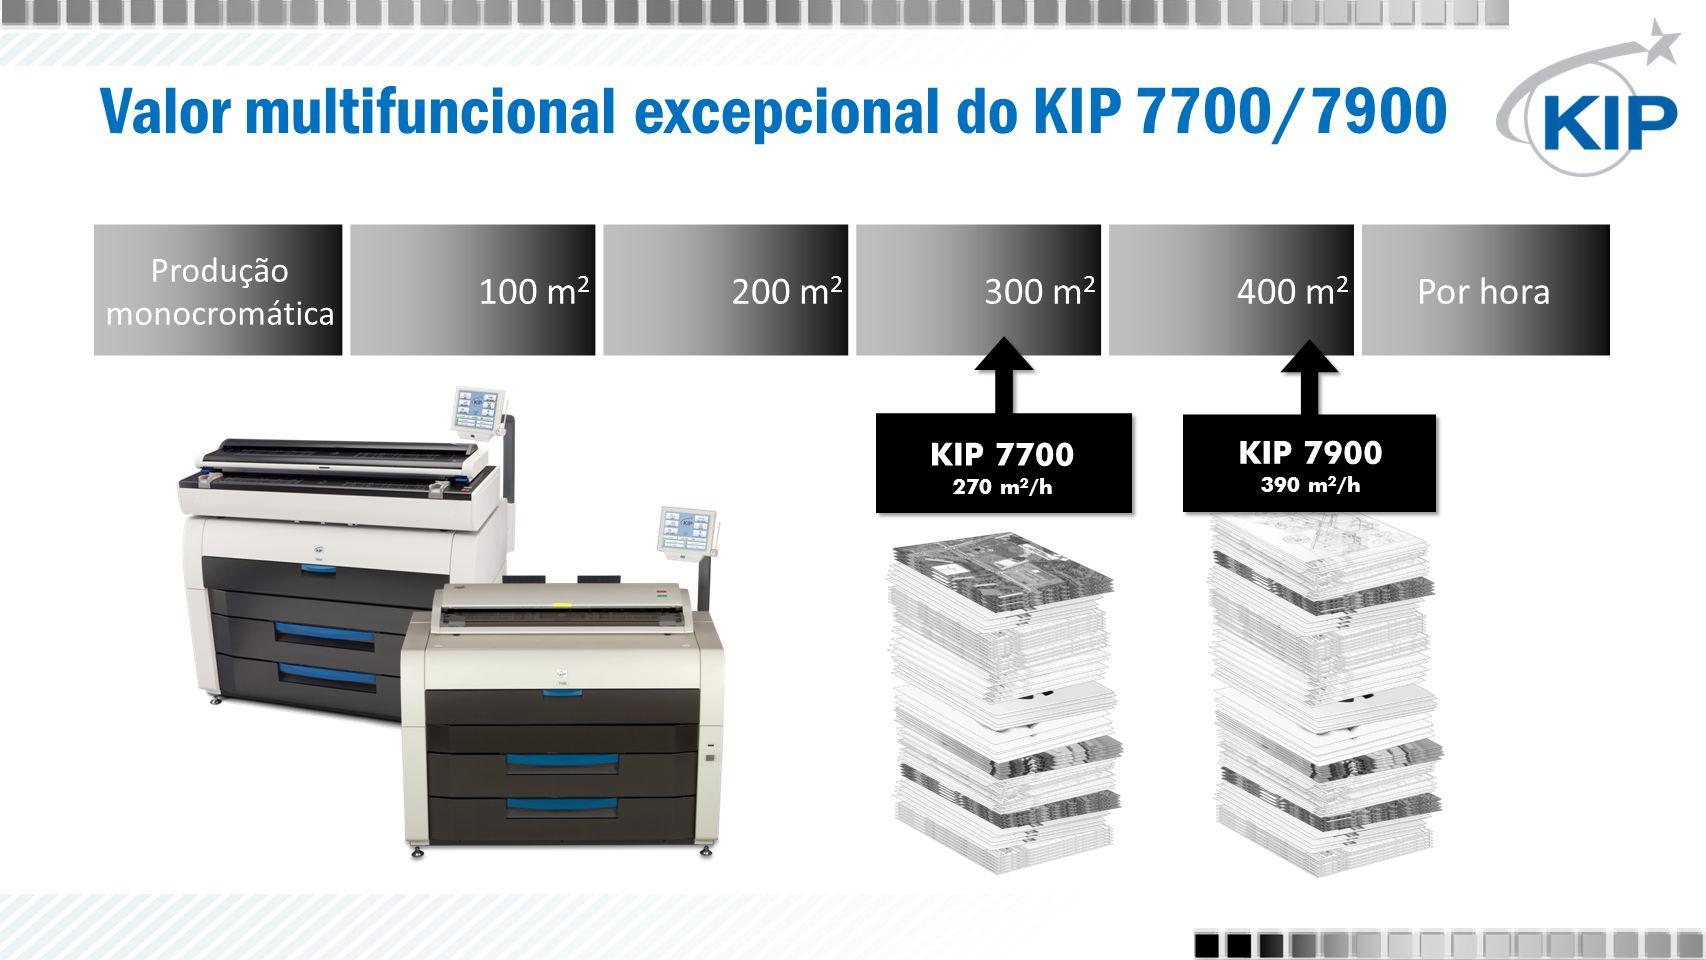 Produção monocromática 100 m 2 200 m 2 300 m 2 400 m 2 Por hora Valor multifuncional excepcional do KIP 7700/7900 KIP 7700 270 m 2 /h KIP 7900 390 m 2